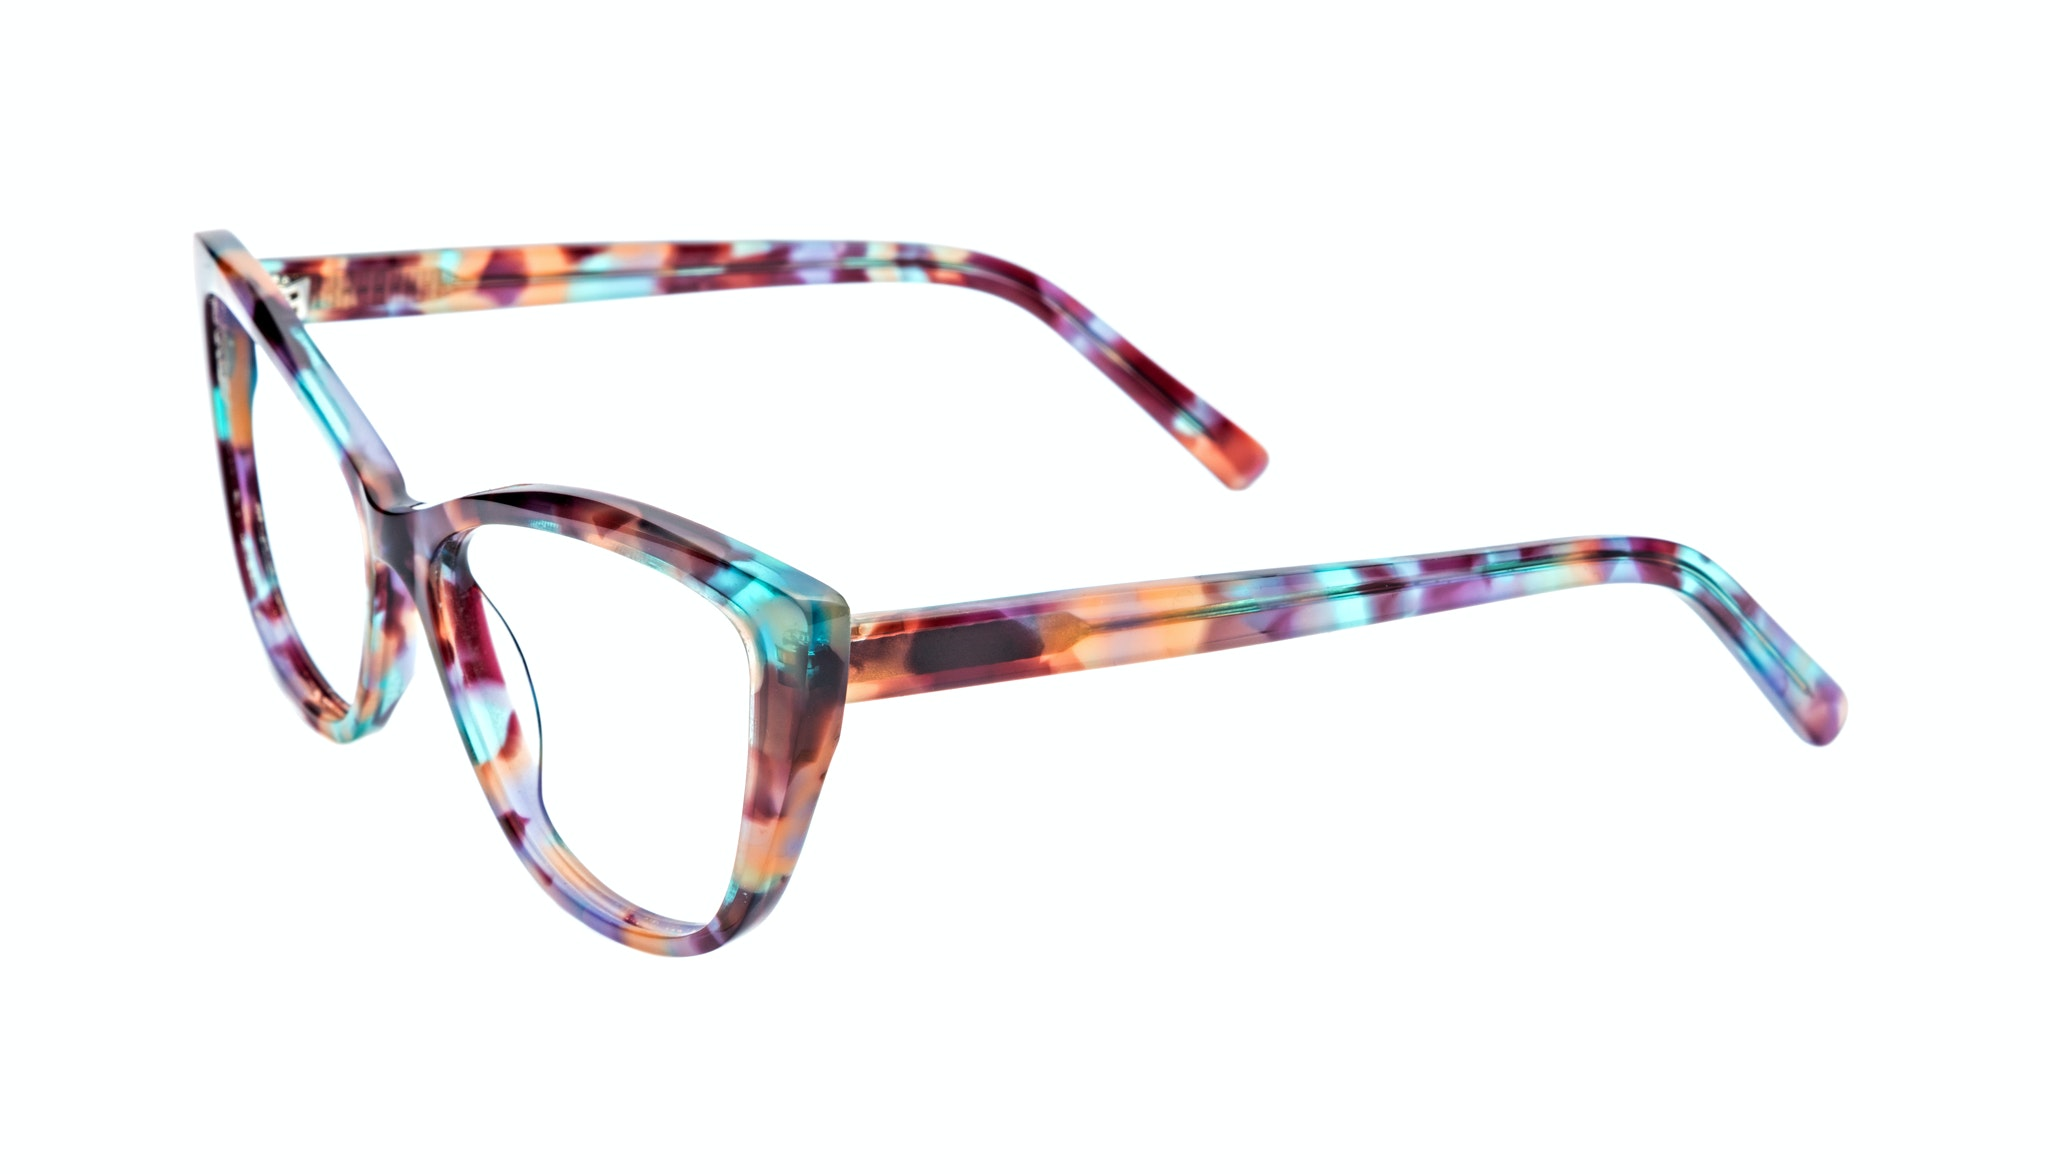 Affordable Fashion Glasses Cat Eye Eyeglasses Women Dolled Up Dazzling Tilt